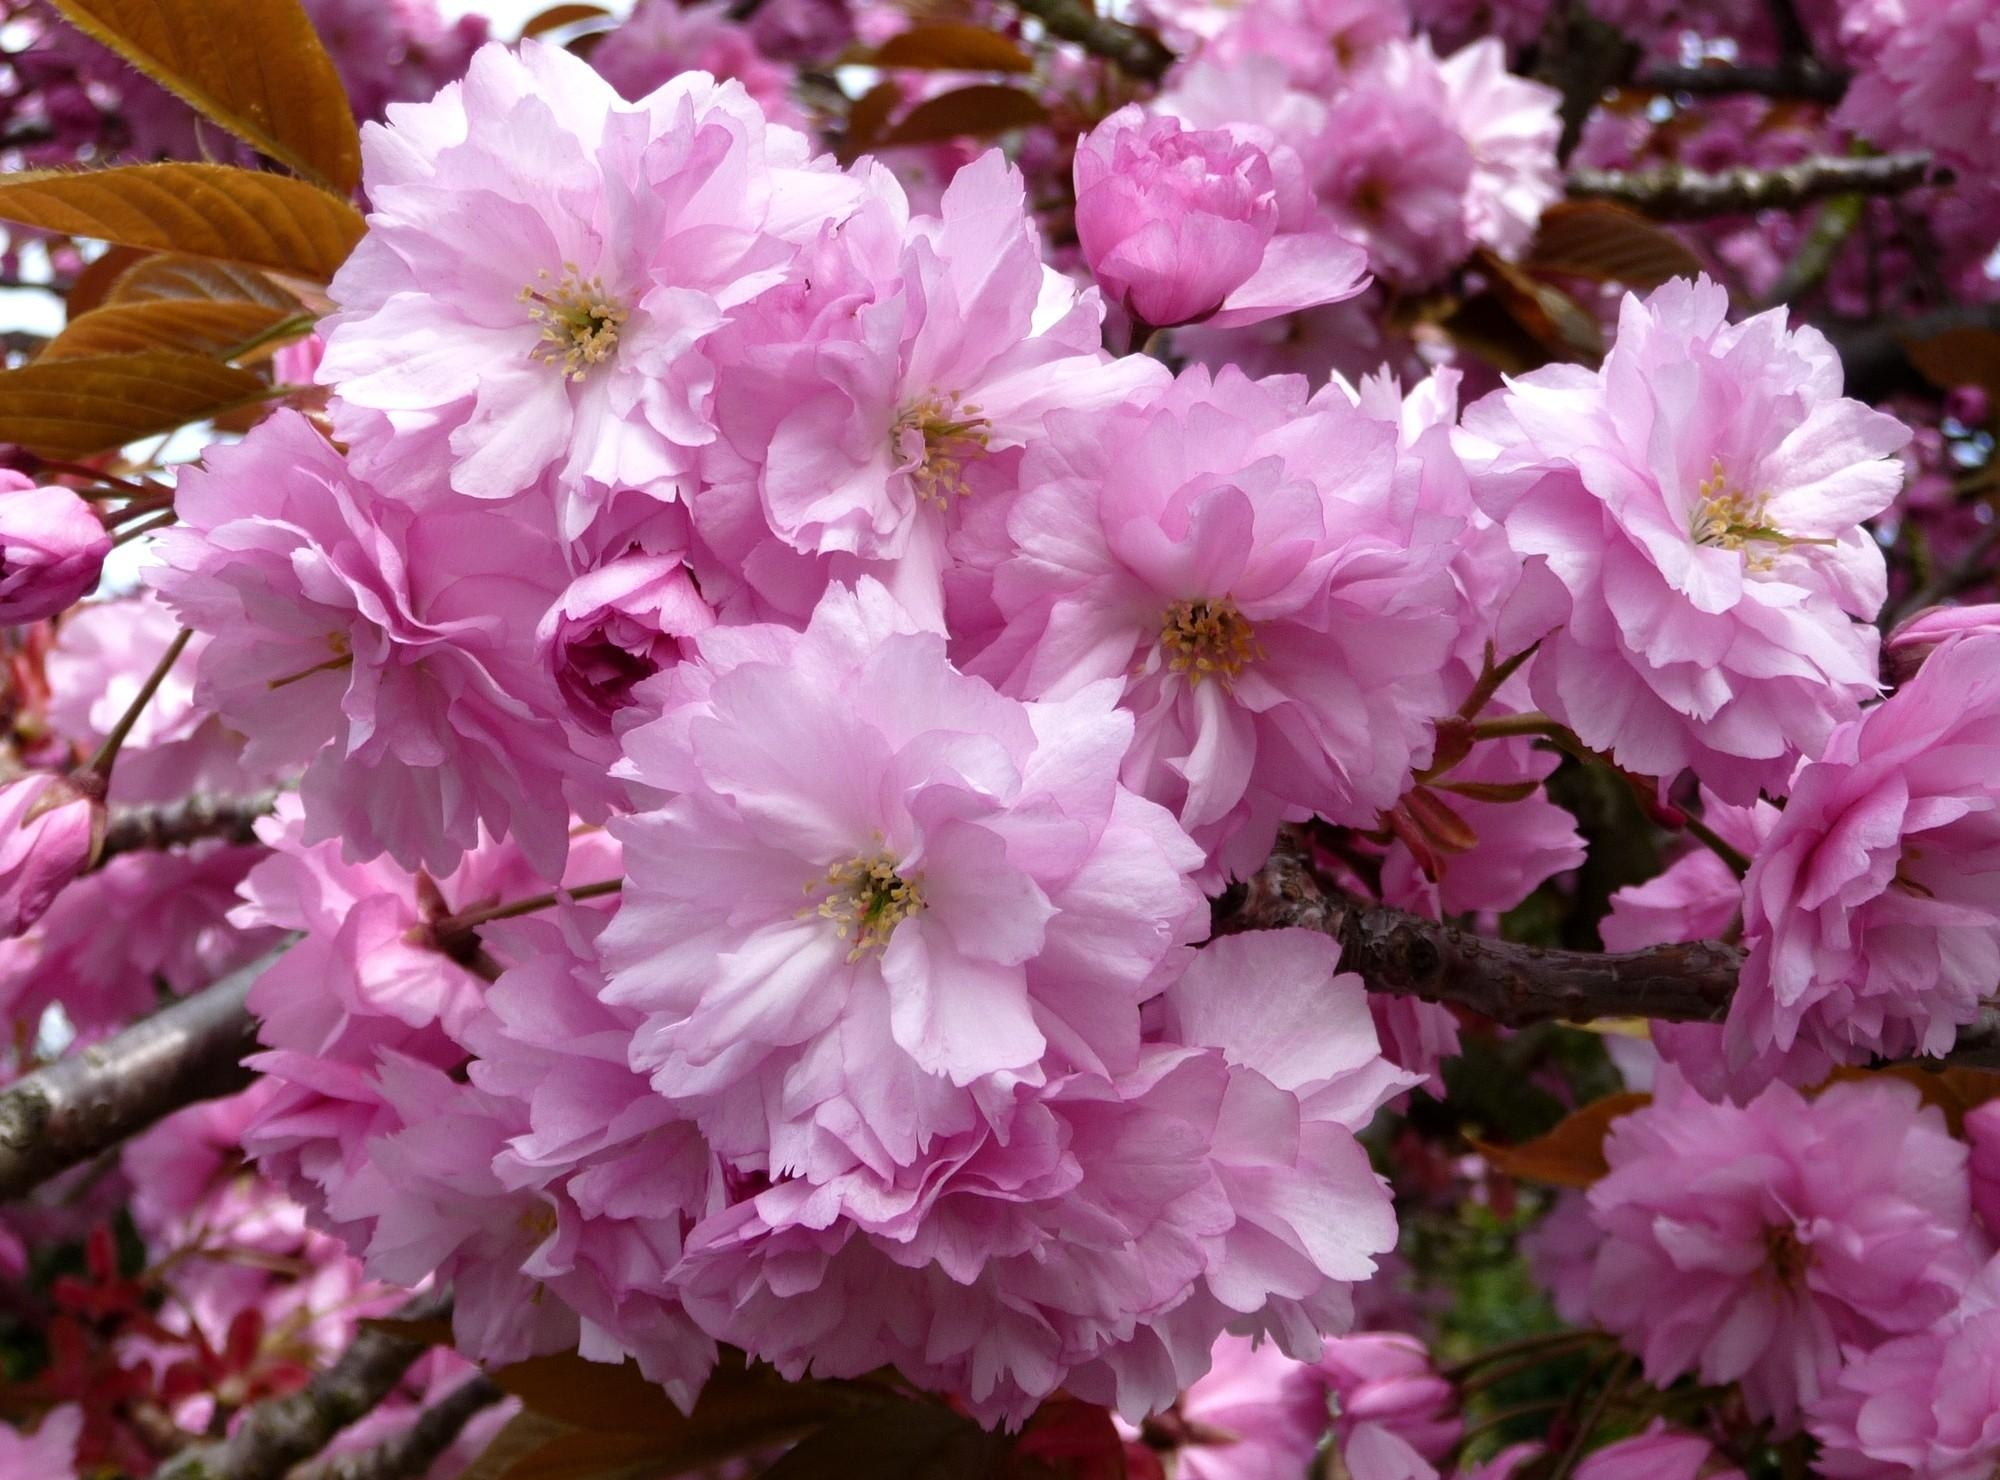 77272 Заставки и Обои Сакура на телефон. Скачать Цветы, Сакура, Ветки, Цветение, Крупный План, Весна, Розовая картинки бесплатно